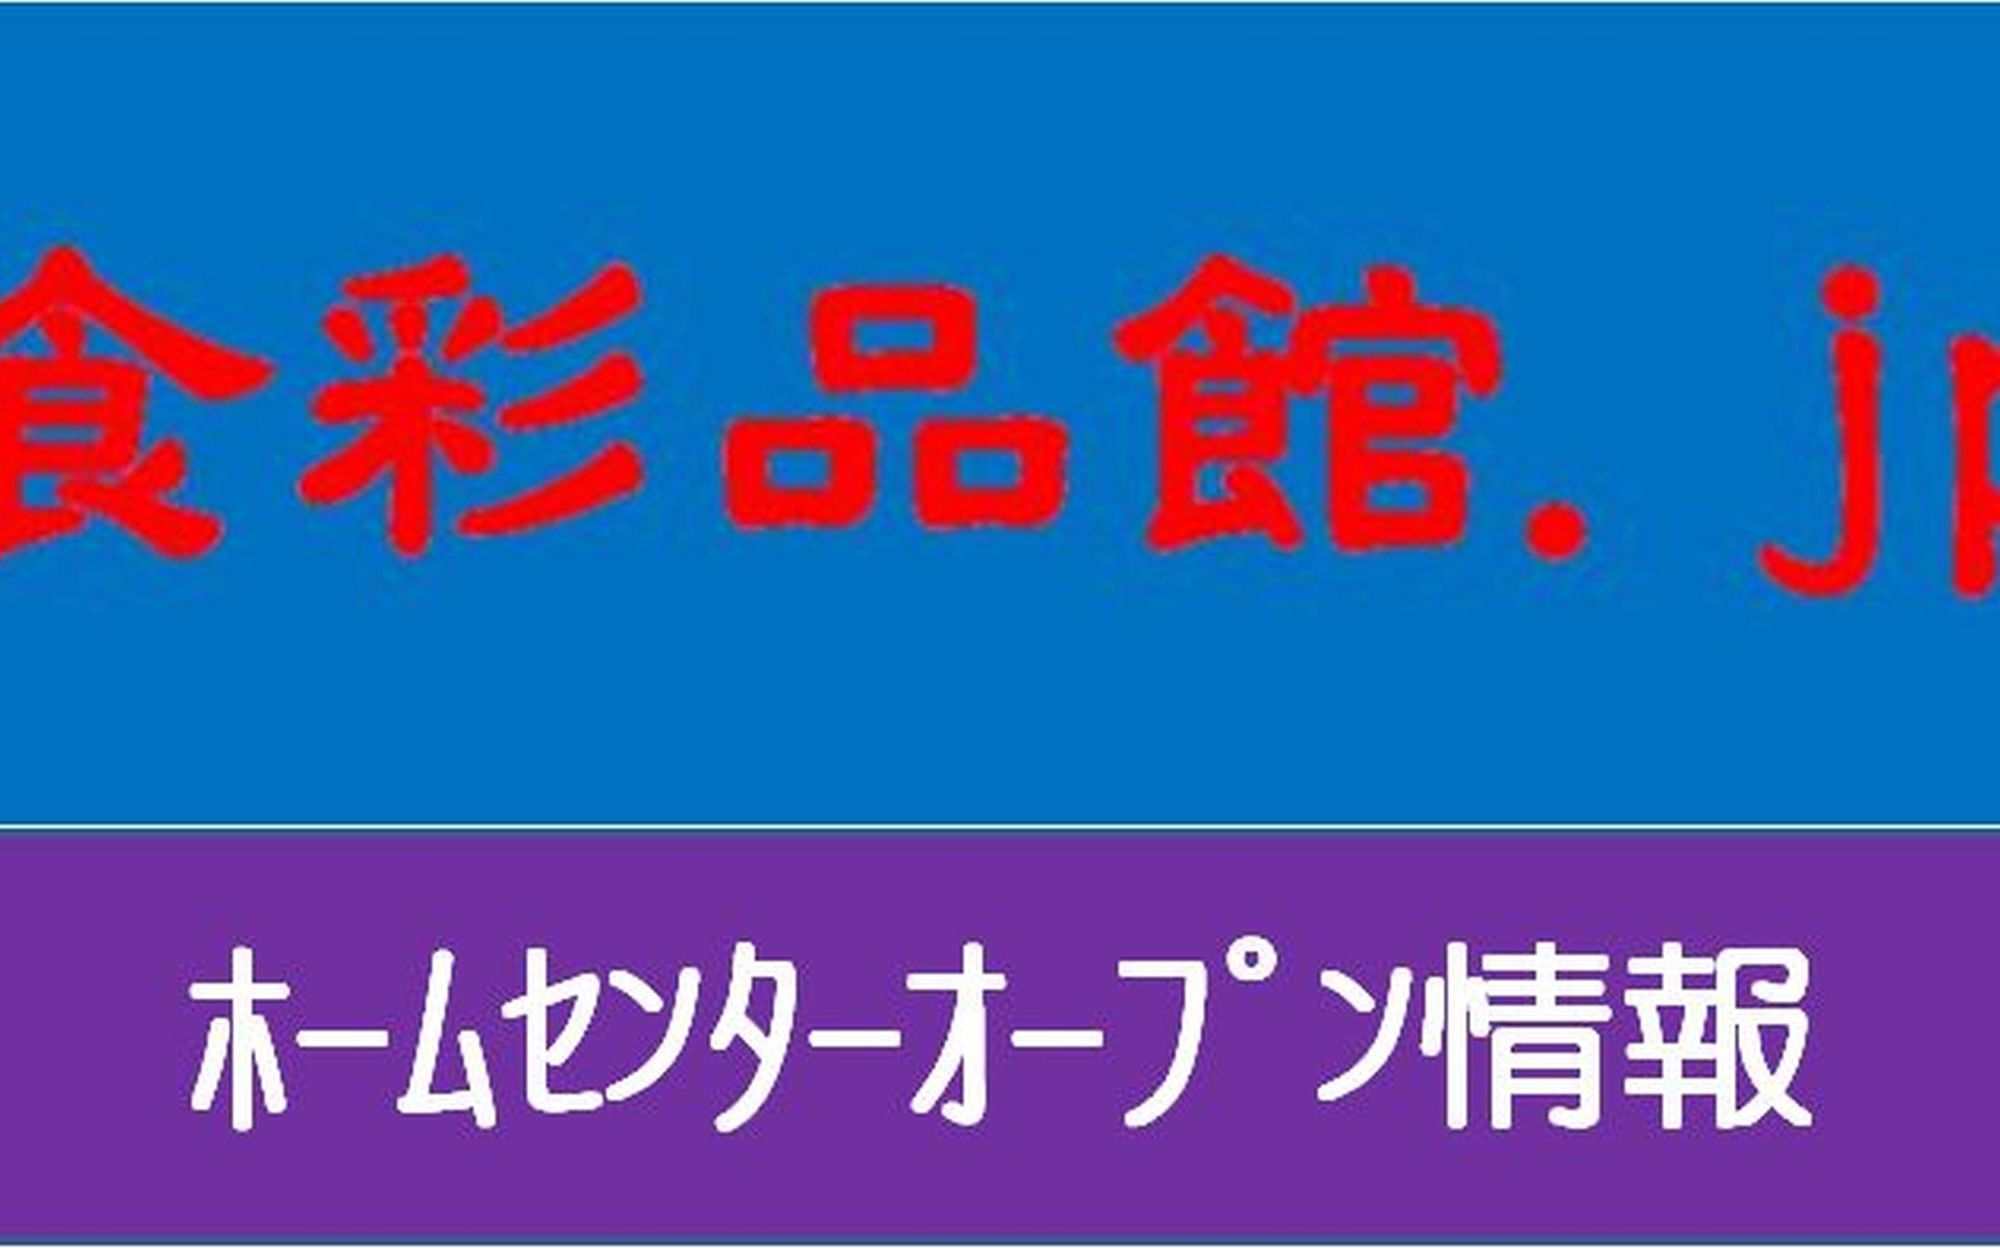 コメリパワー水沢(岩手県奥州市)2020年11月1日オープン予定で大店立地届出